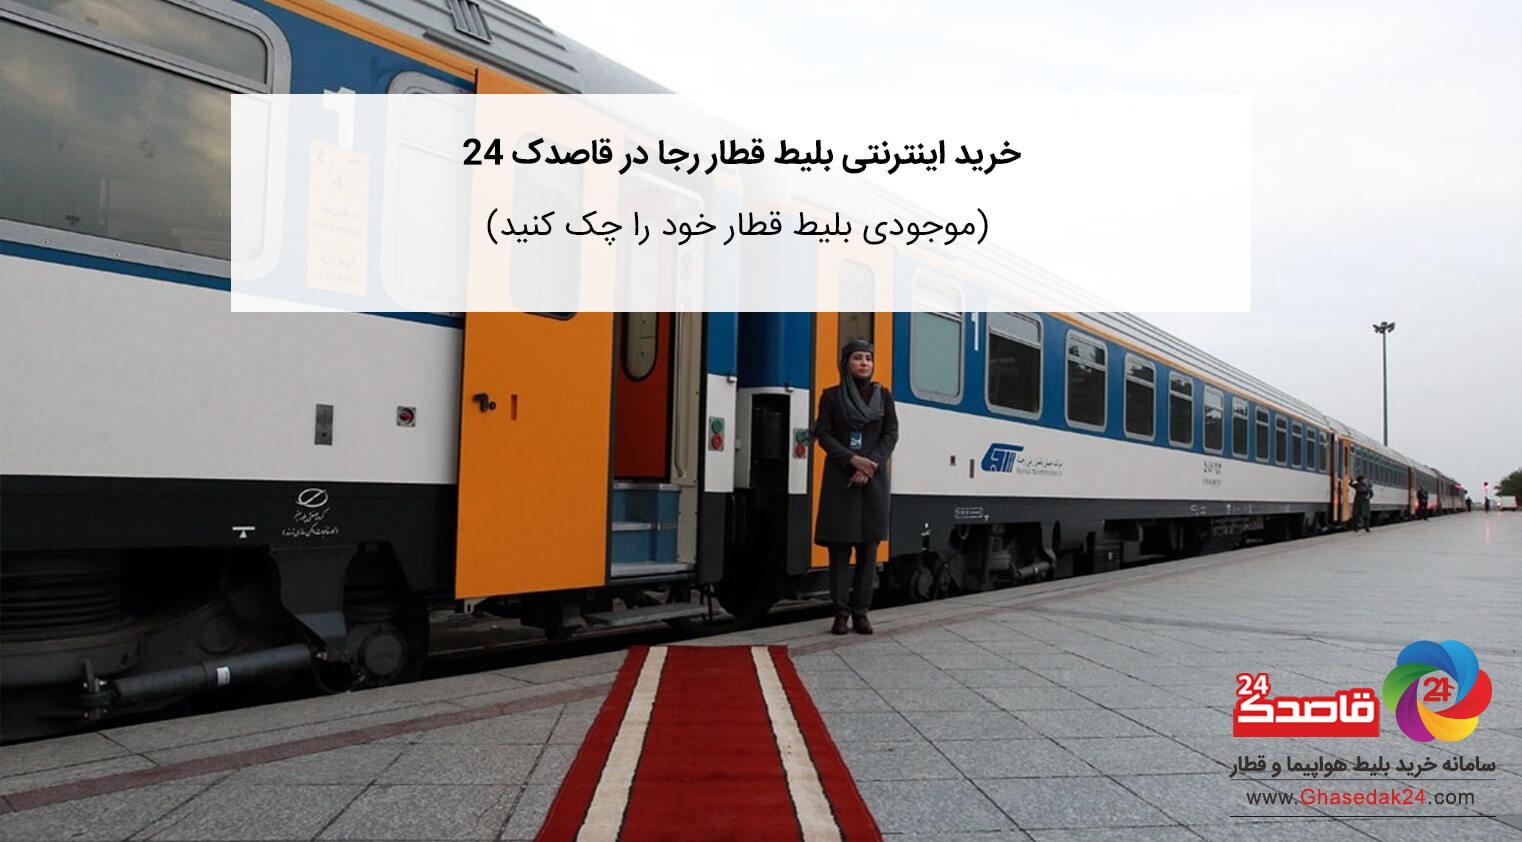 خرید بلیط قطار را در قاصدک ۲۴ تجربه کنید! – هک پلاس – مرجع کلش اف کلنز | کلش آف کلنز